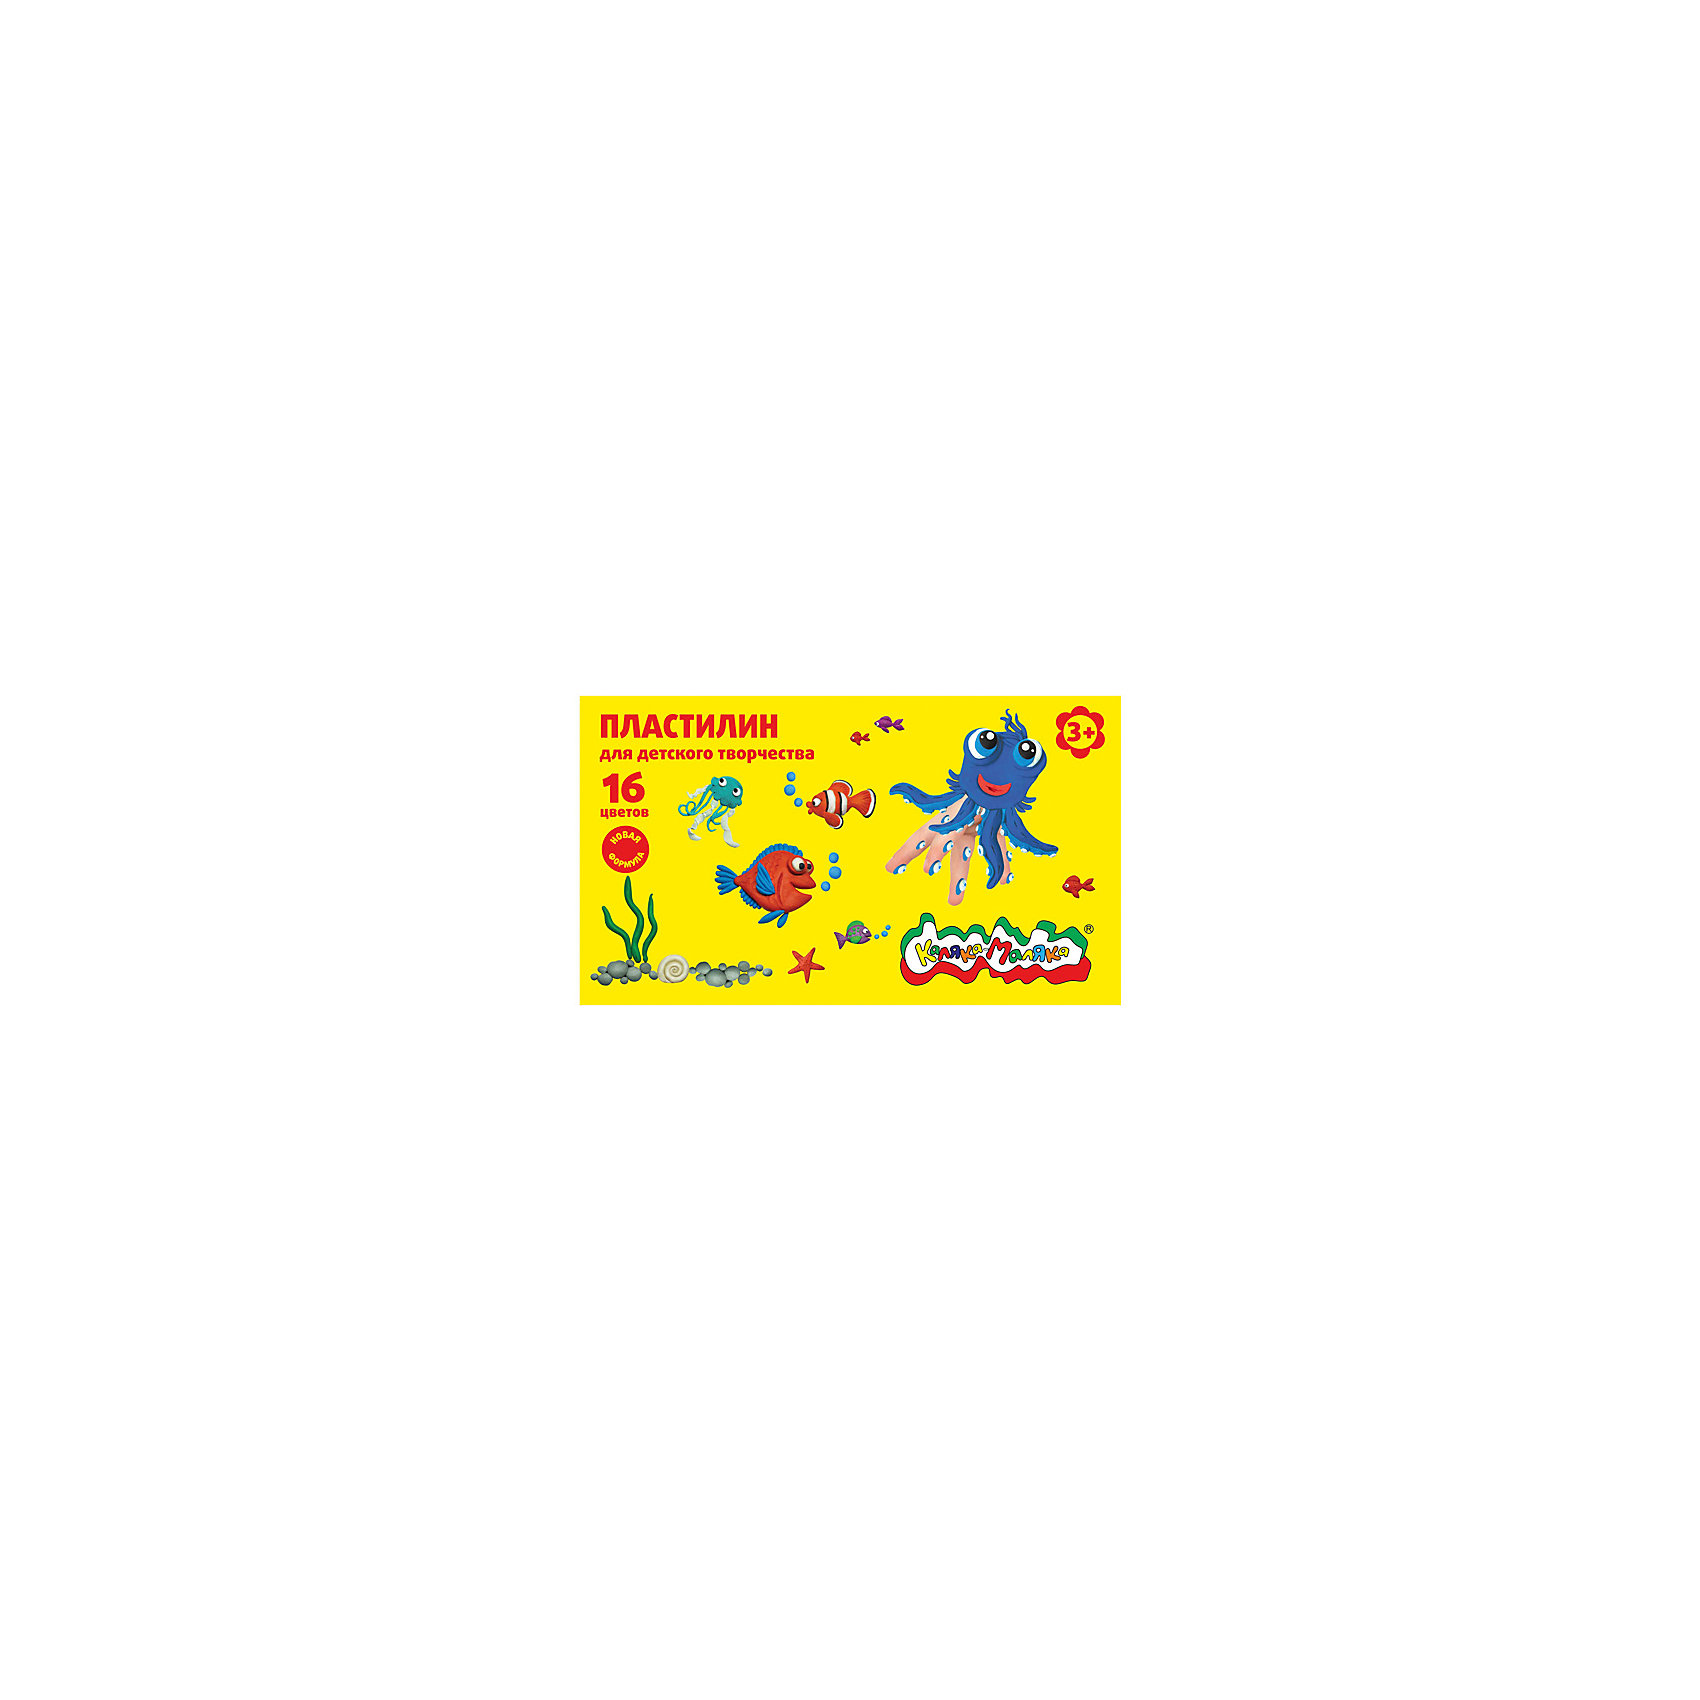 Пластилин Каляка-Маляка для детского творчества 16 цв. 240 г стекЛепка<br>Специально для маленьких творцов Каляка-Маляка® разработала новый, усовершенствованный пластилин. Благодаря своим универсальным свойствам он подходит для любых видов творчества, а новая упаковка и дизайн превратят занятия в сплошное удовольствие!<br><br>Новый пластилин не прилипает и не окрашивает ладошки, легко разминается, хорошо растягивается и не рвется, не оставляет масленых пятен, мягок и эластичен настолько, что им можно без труда раскрашивать и рисовать картины. Благодаря удобной упаковке в виде пластикового пенала даже самый маленький творец сможет без труда доставать и класть обратно брусочки пластилина. В палитре цветов нет скучных и блеклых оттенков, все цвета в новом пластилине Каляка-Маляка приятные и максимально приближенные к природным, что способствует развитию правильного цветовосприятия ребенка.<br><br>Пластилин абсолютно безвреден для детской кожи. Рекомендуется для творческих занятий детей от 3 лет. К набору прилагается стек, необходимый при рисовании и оформлении поделок.<br><br>Ширина мм: 215<br>Глубина мм: 150<br>Высота мм: 20<br>Вес г: 300<br>Возраст от месяцев: 36<br>Возраст до месяцев: 120<br>Пол: Унисекс<br>Возраст: Детский<br>SKU: 5354229